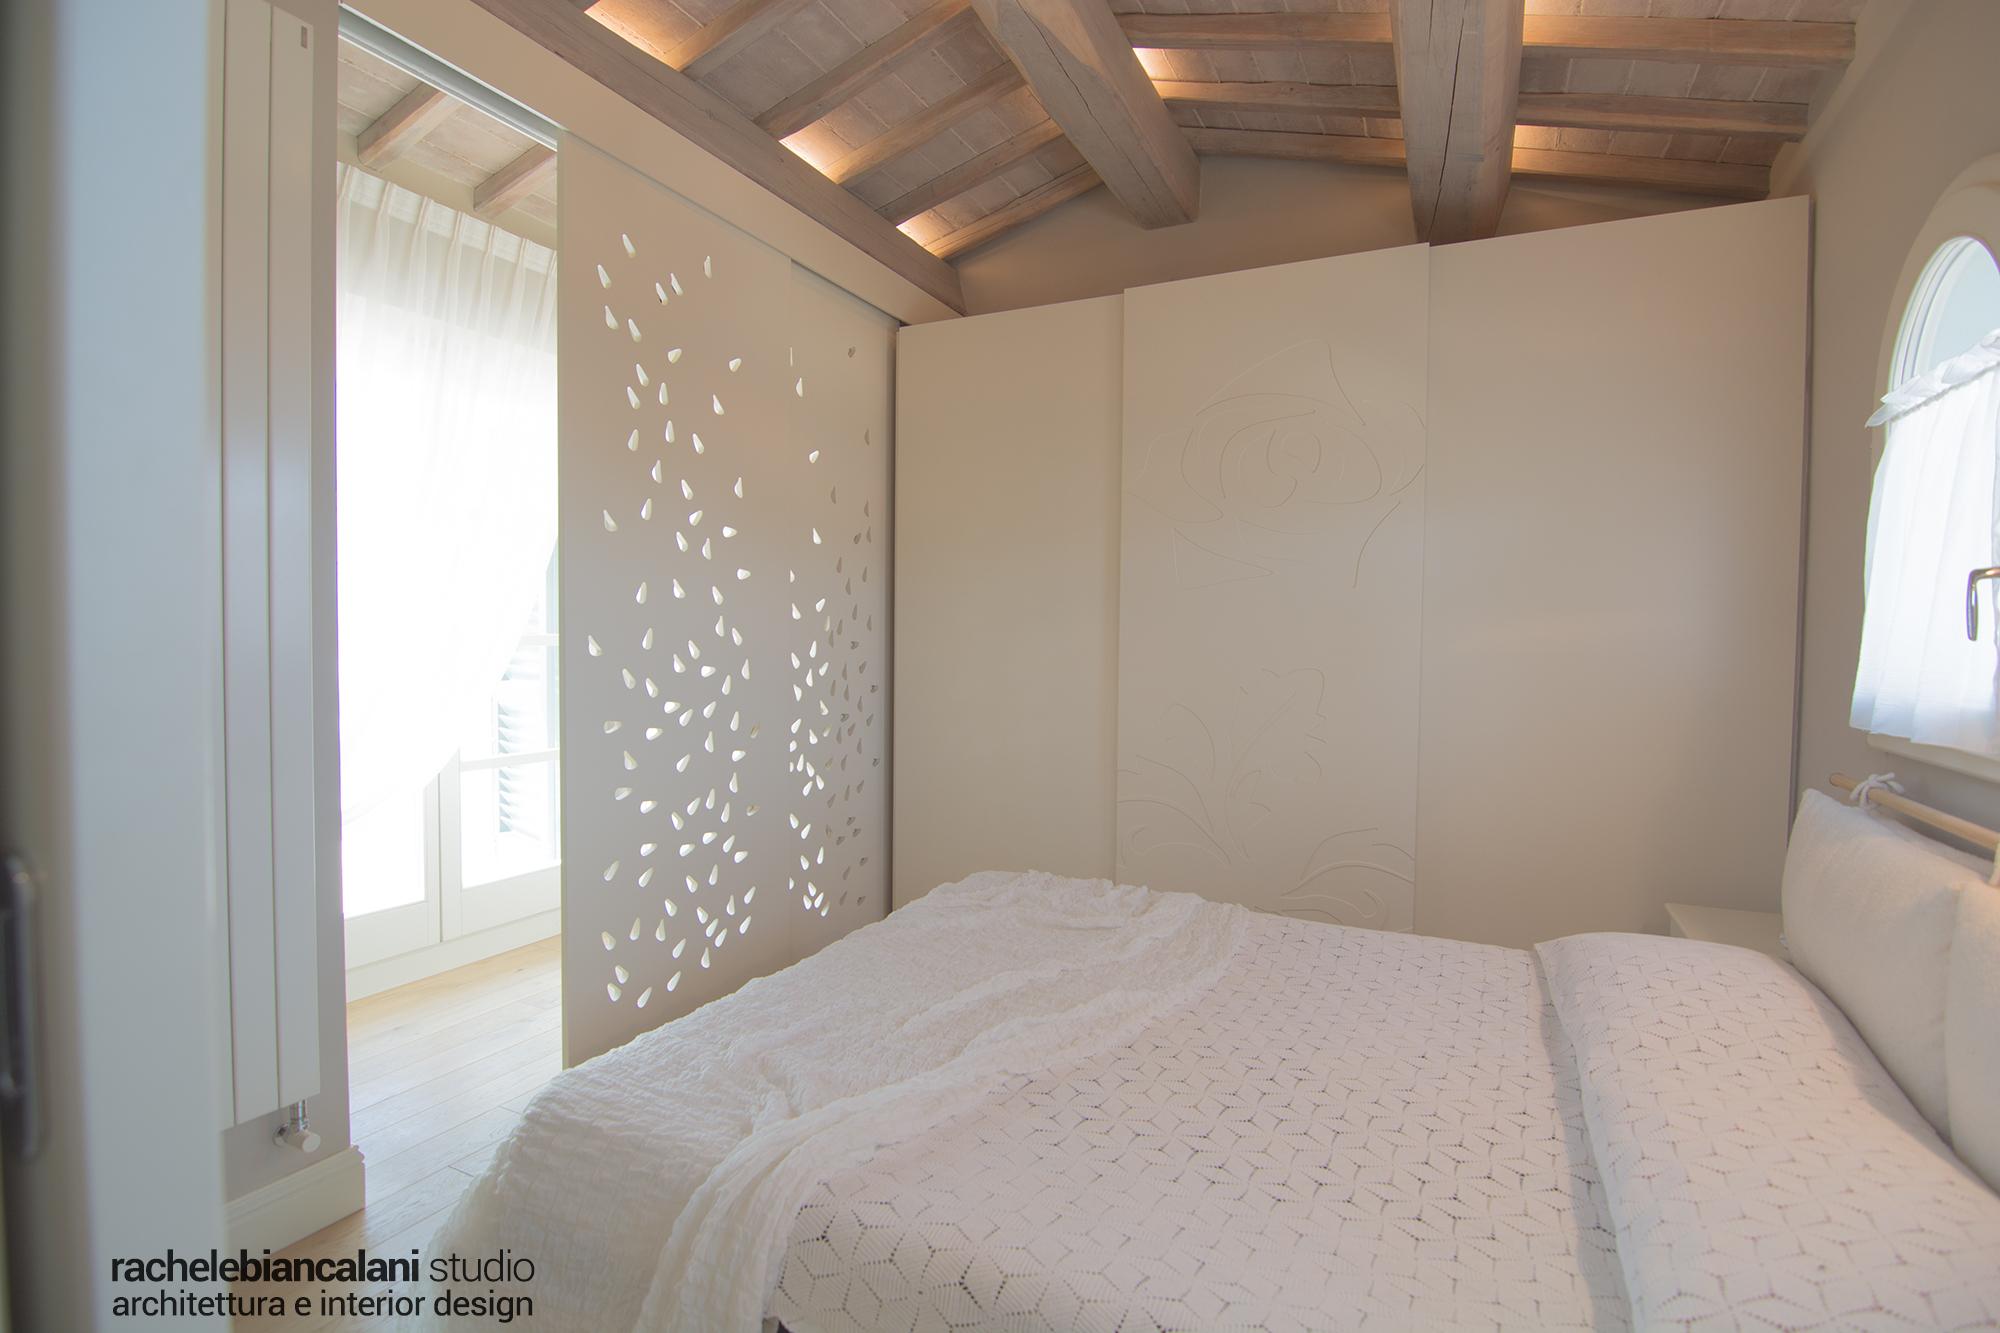 Camera Da Letto Padronale Foto : I trucchi per l illuminazione della camera da letto rachele